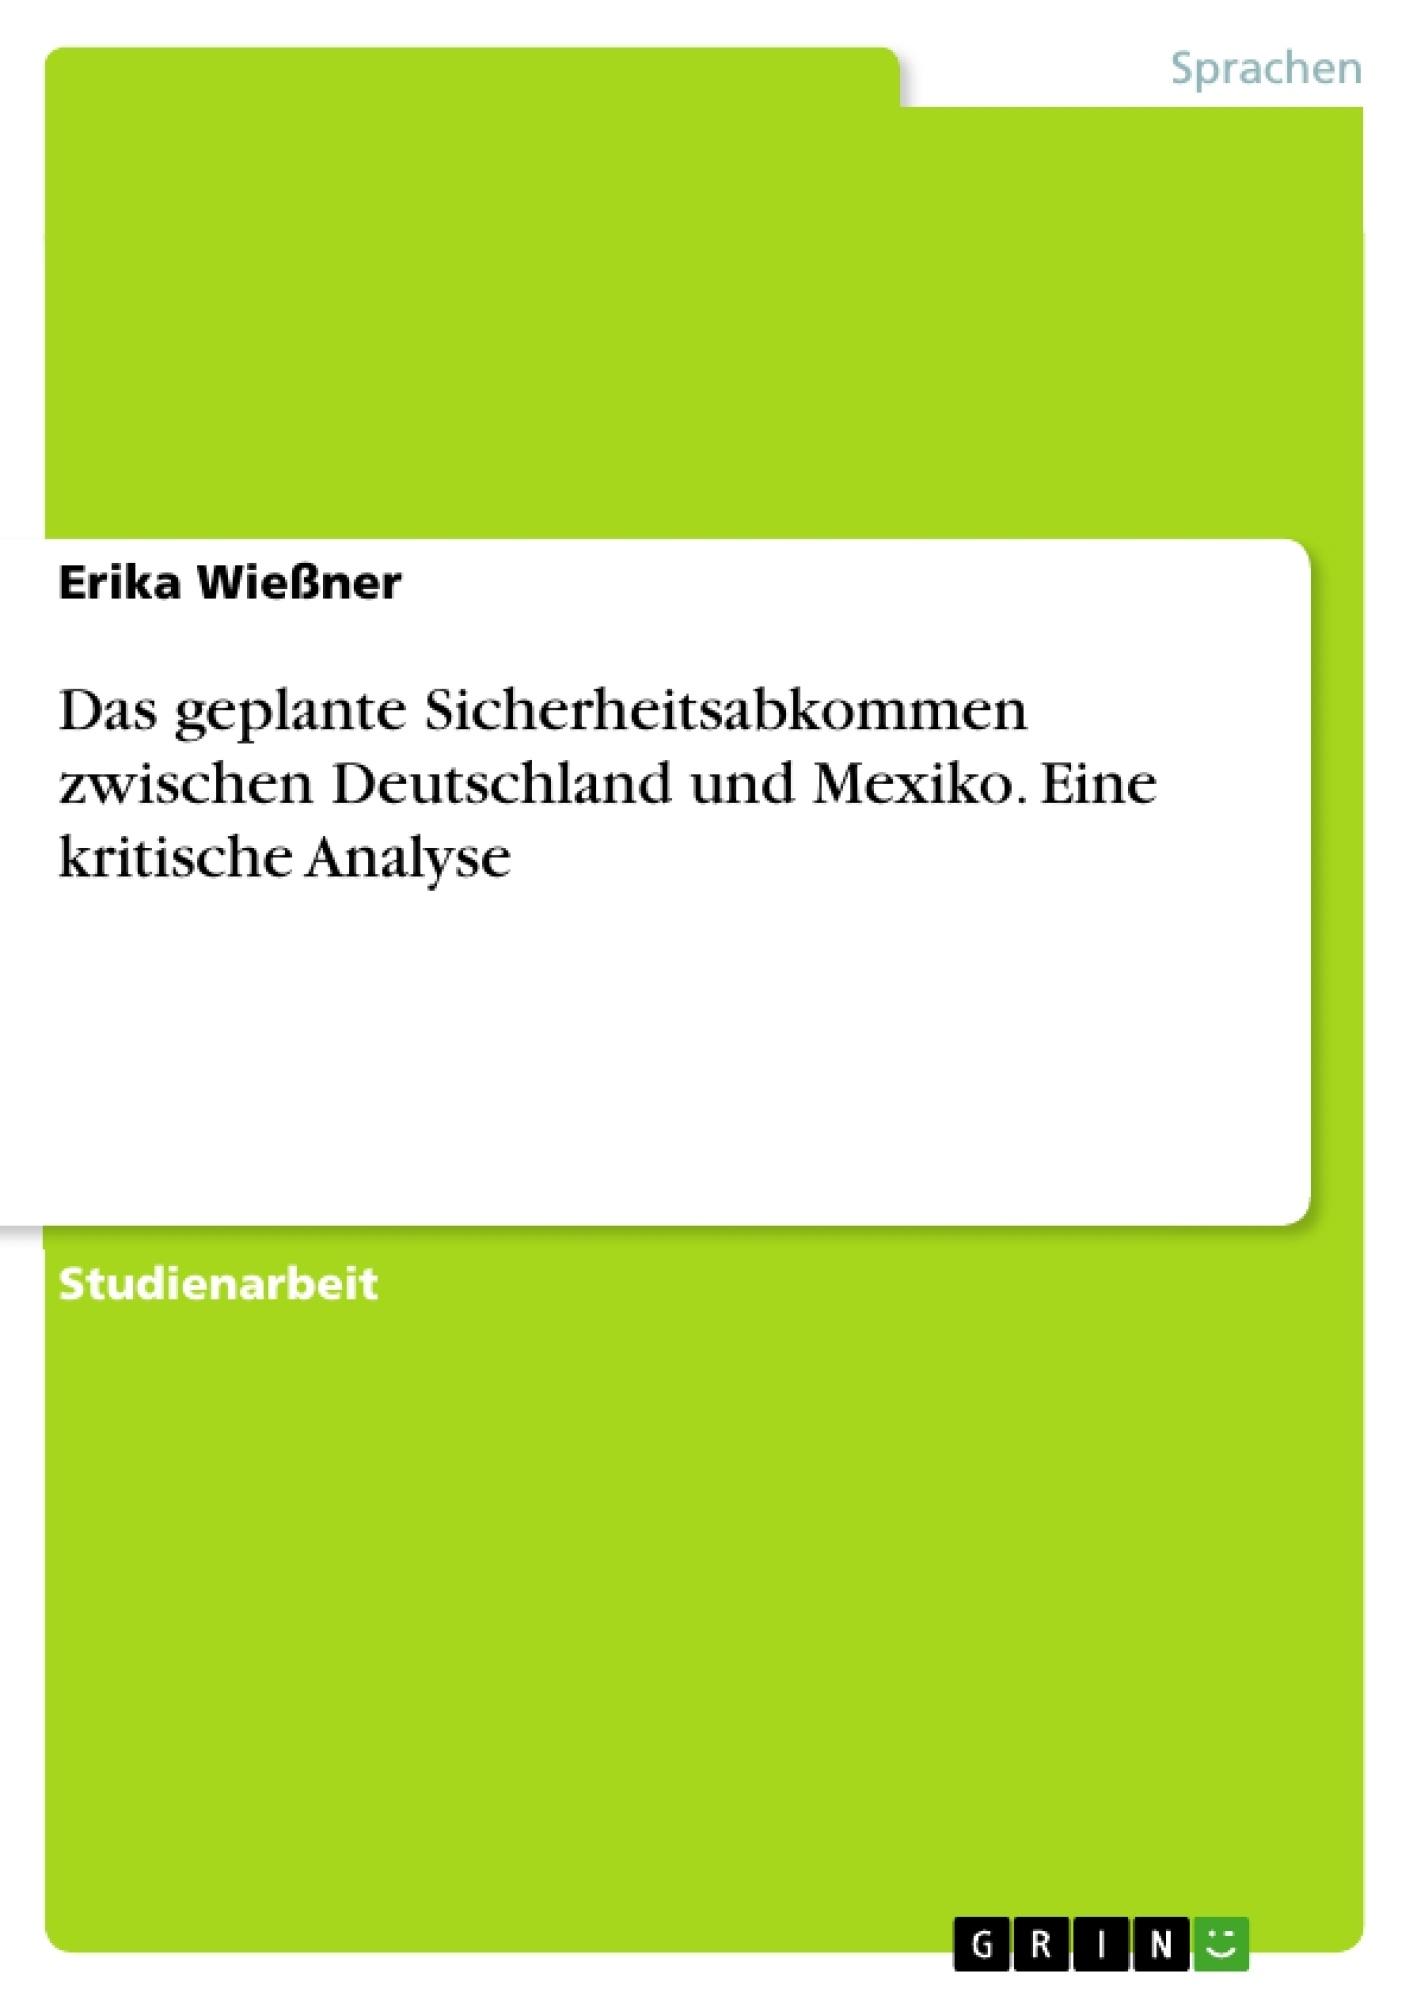 Titel: Das geplante Sicherheitsabkommen zwischen Deutschland und Mexiko. Eine kritische Analyse